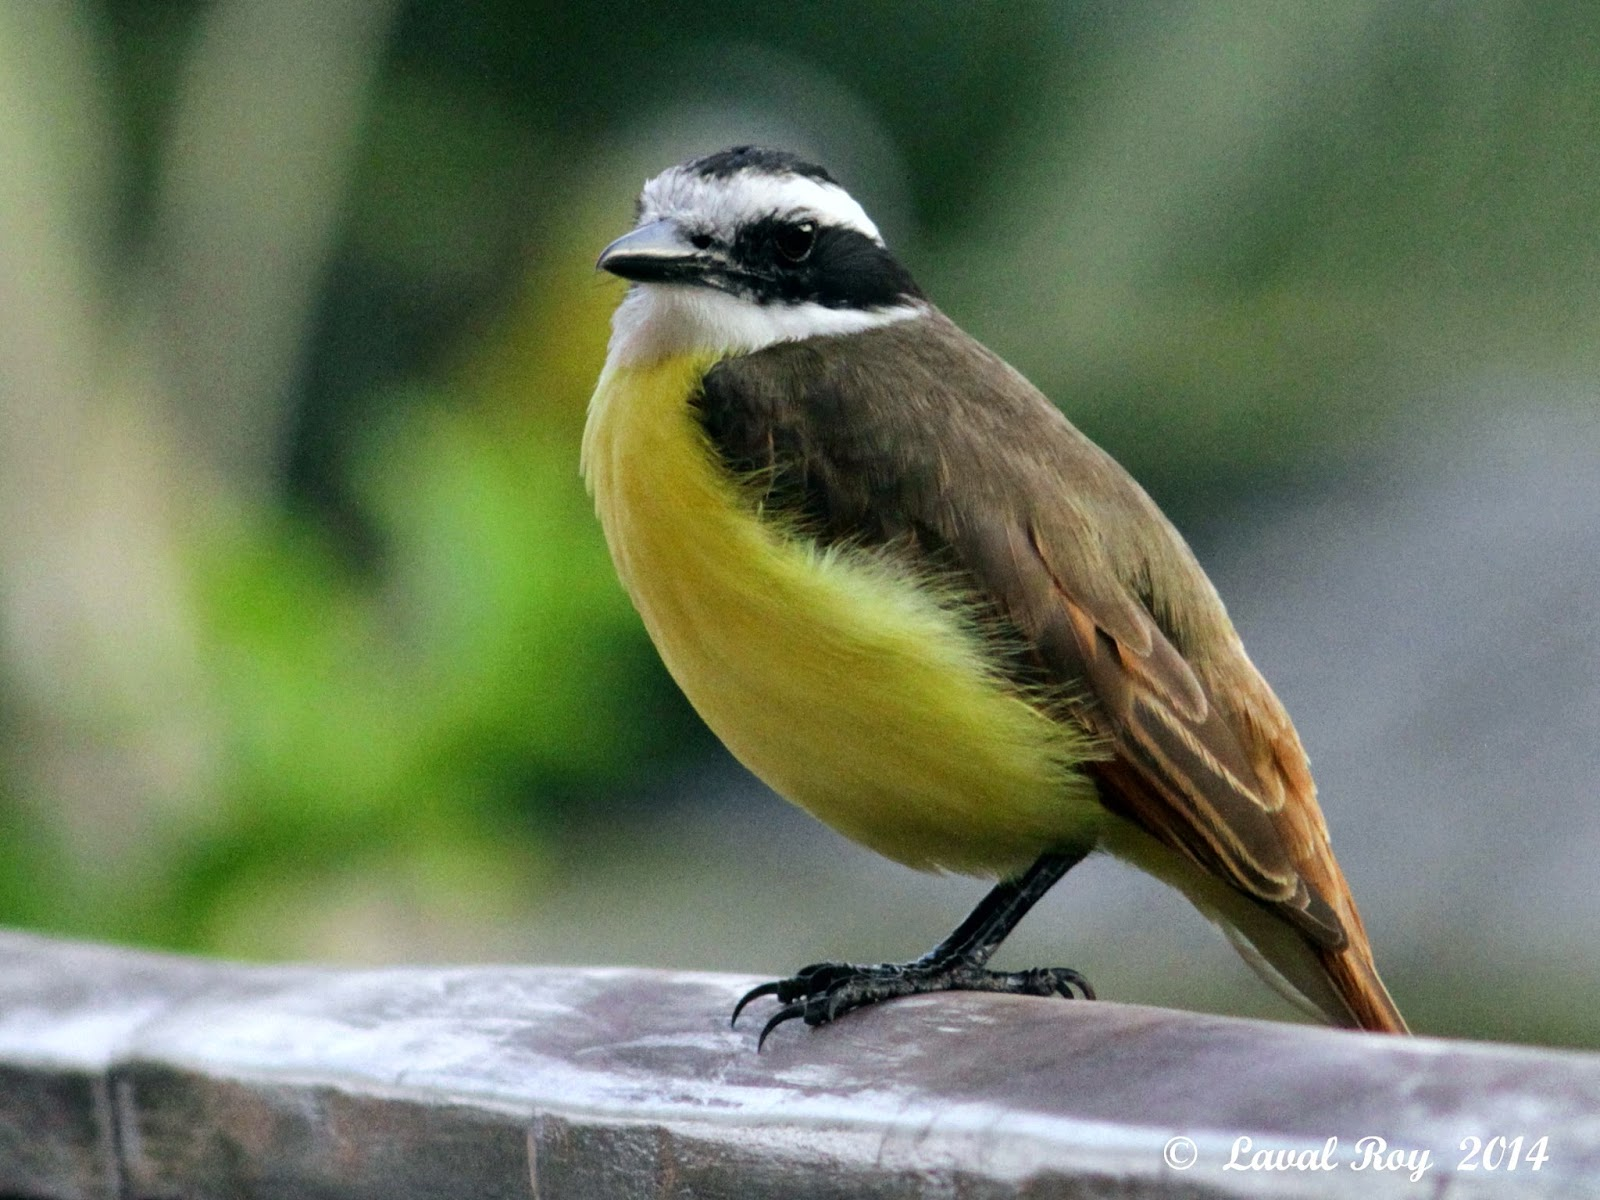 Des oiseaux sur ma route coups de coeur mexicains 3 for Oiseau ventre jaune